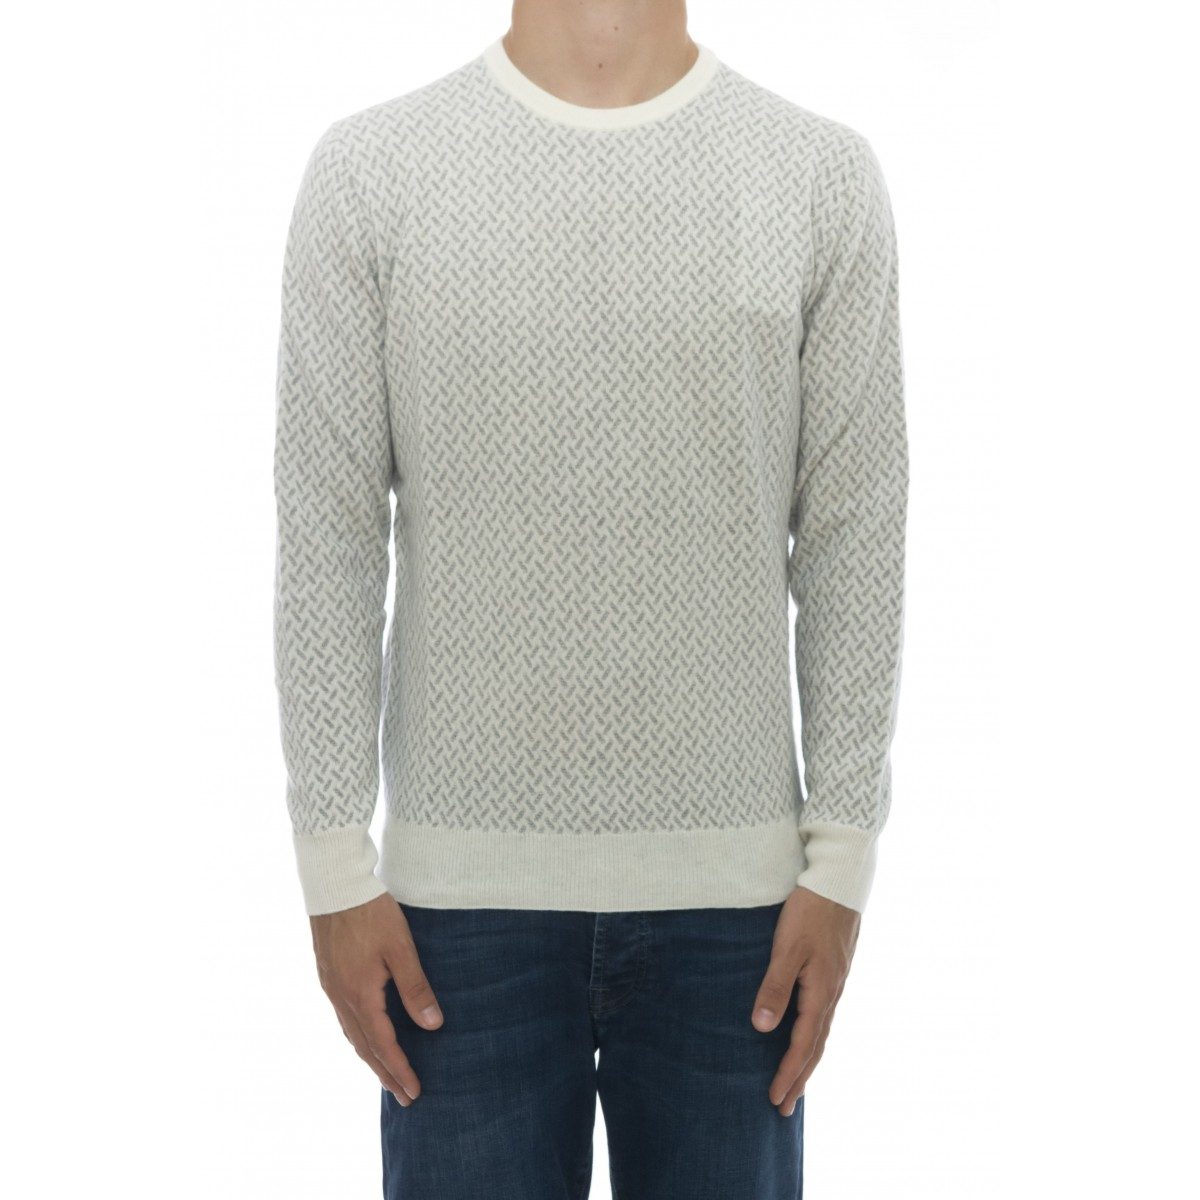 Maglia uomo - 1007/01 maglia giro fantasia 100% lana